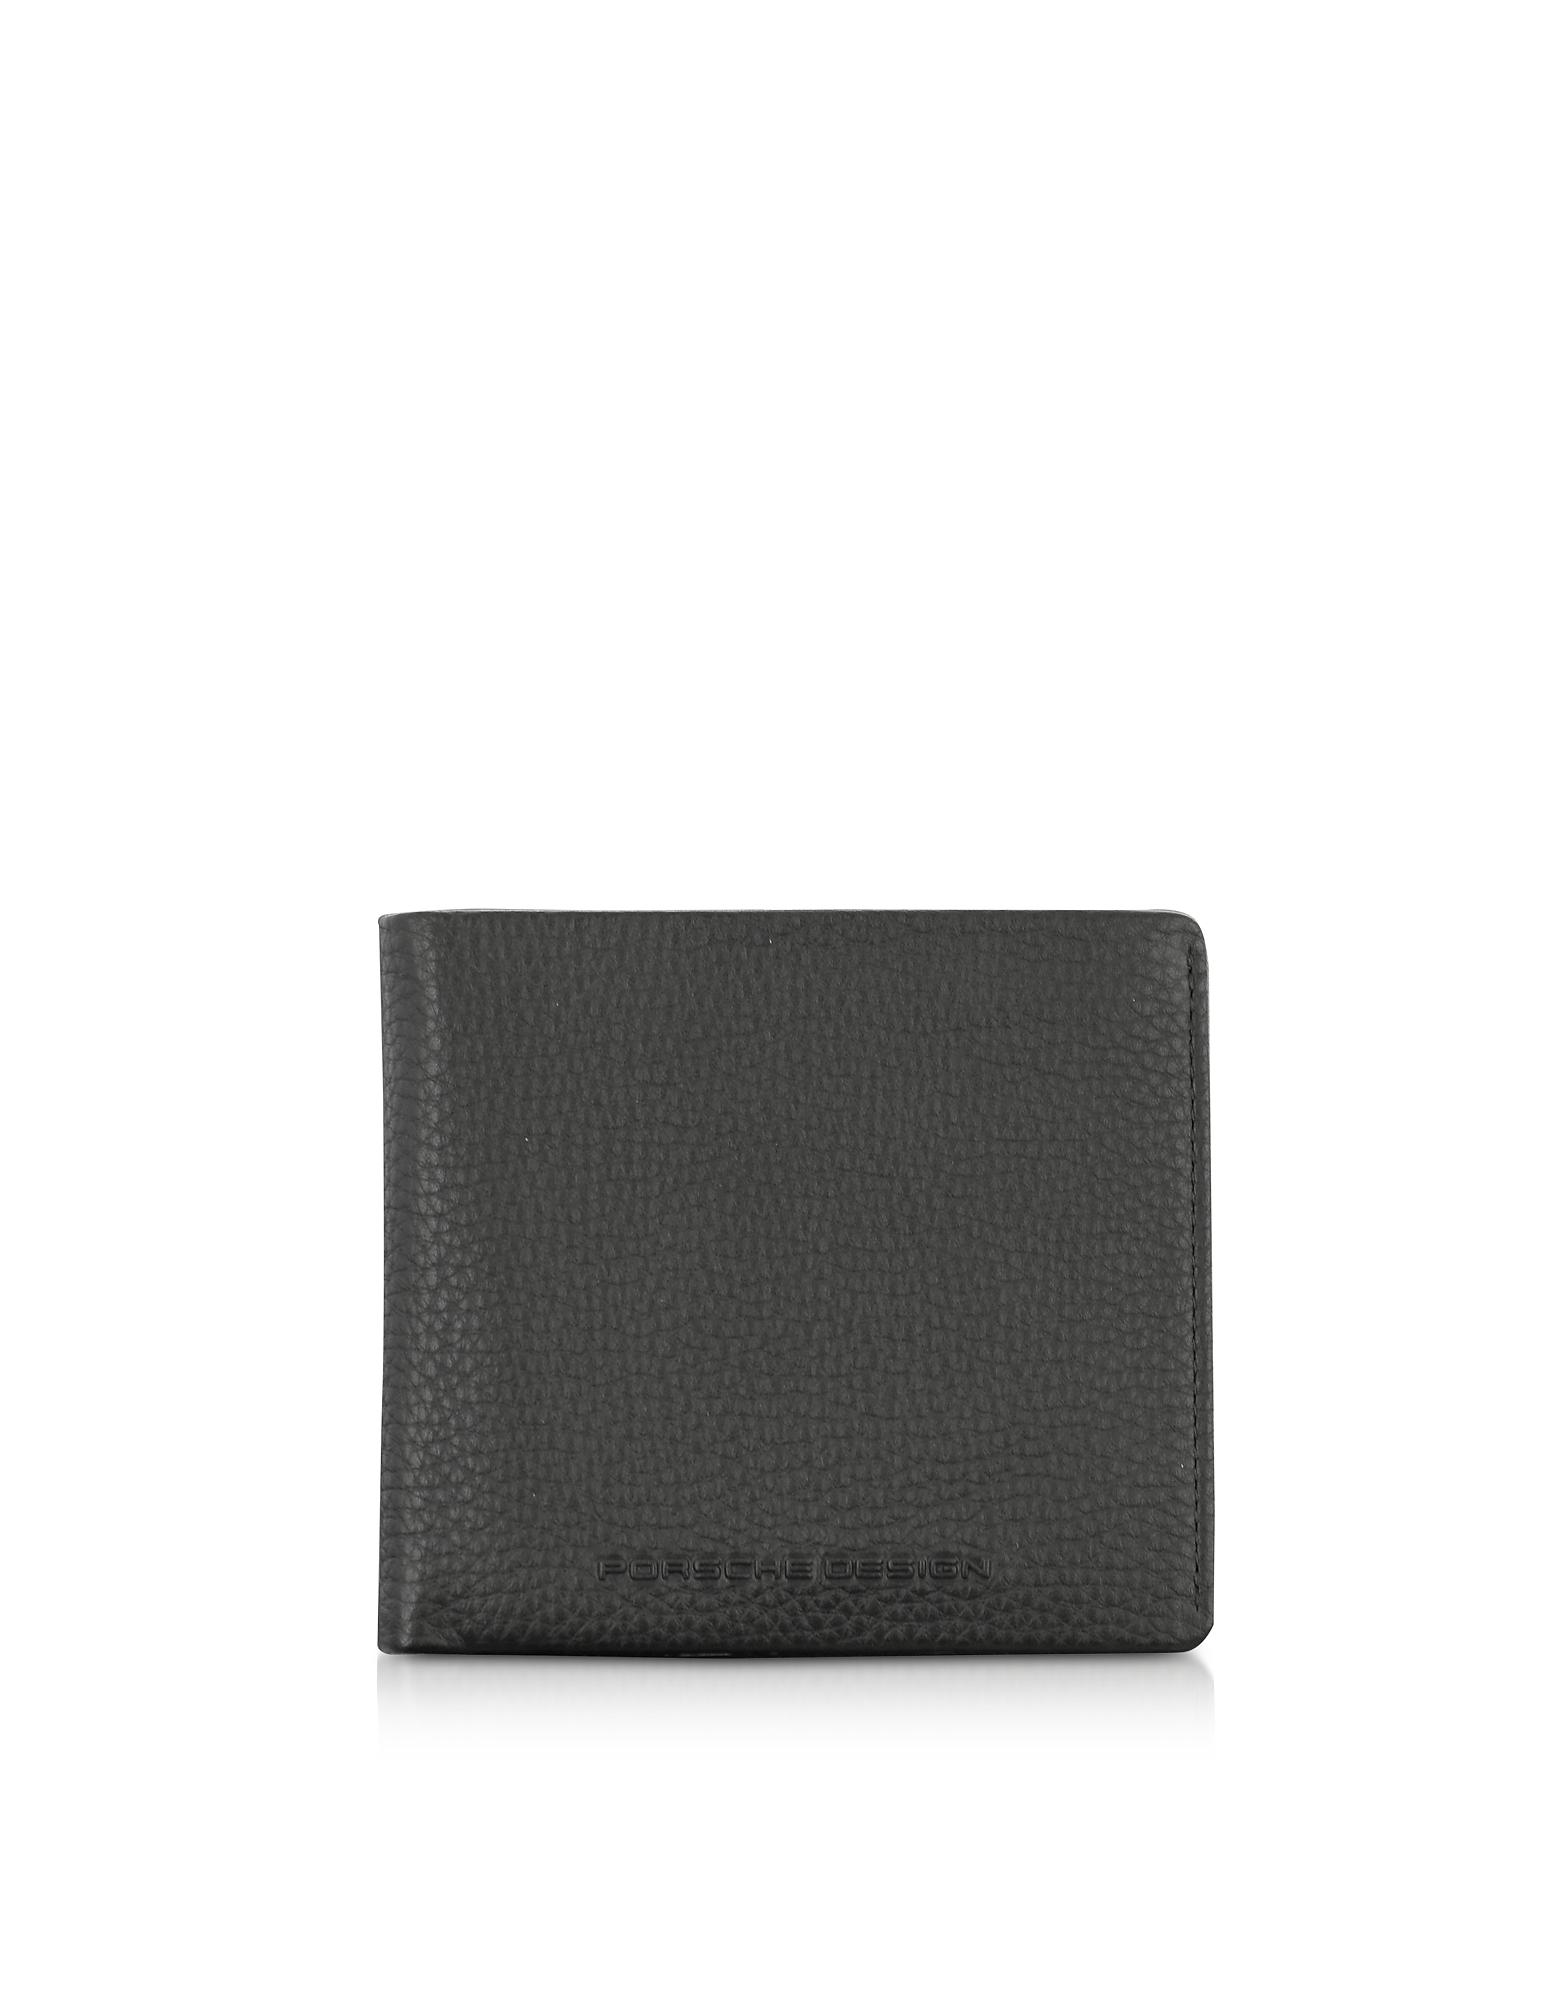 Porsche Design Designer Wallets, Cervo 2.1 H8 Wallet